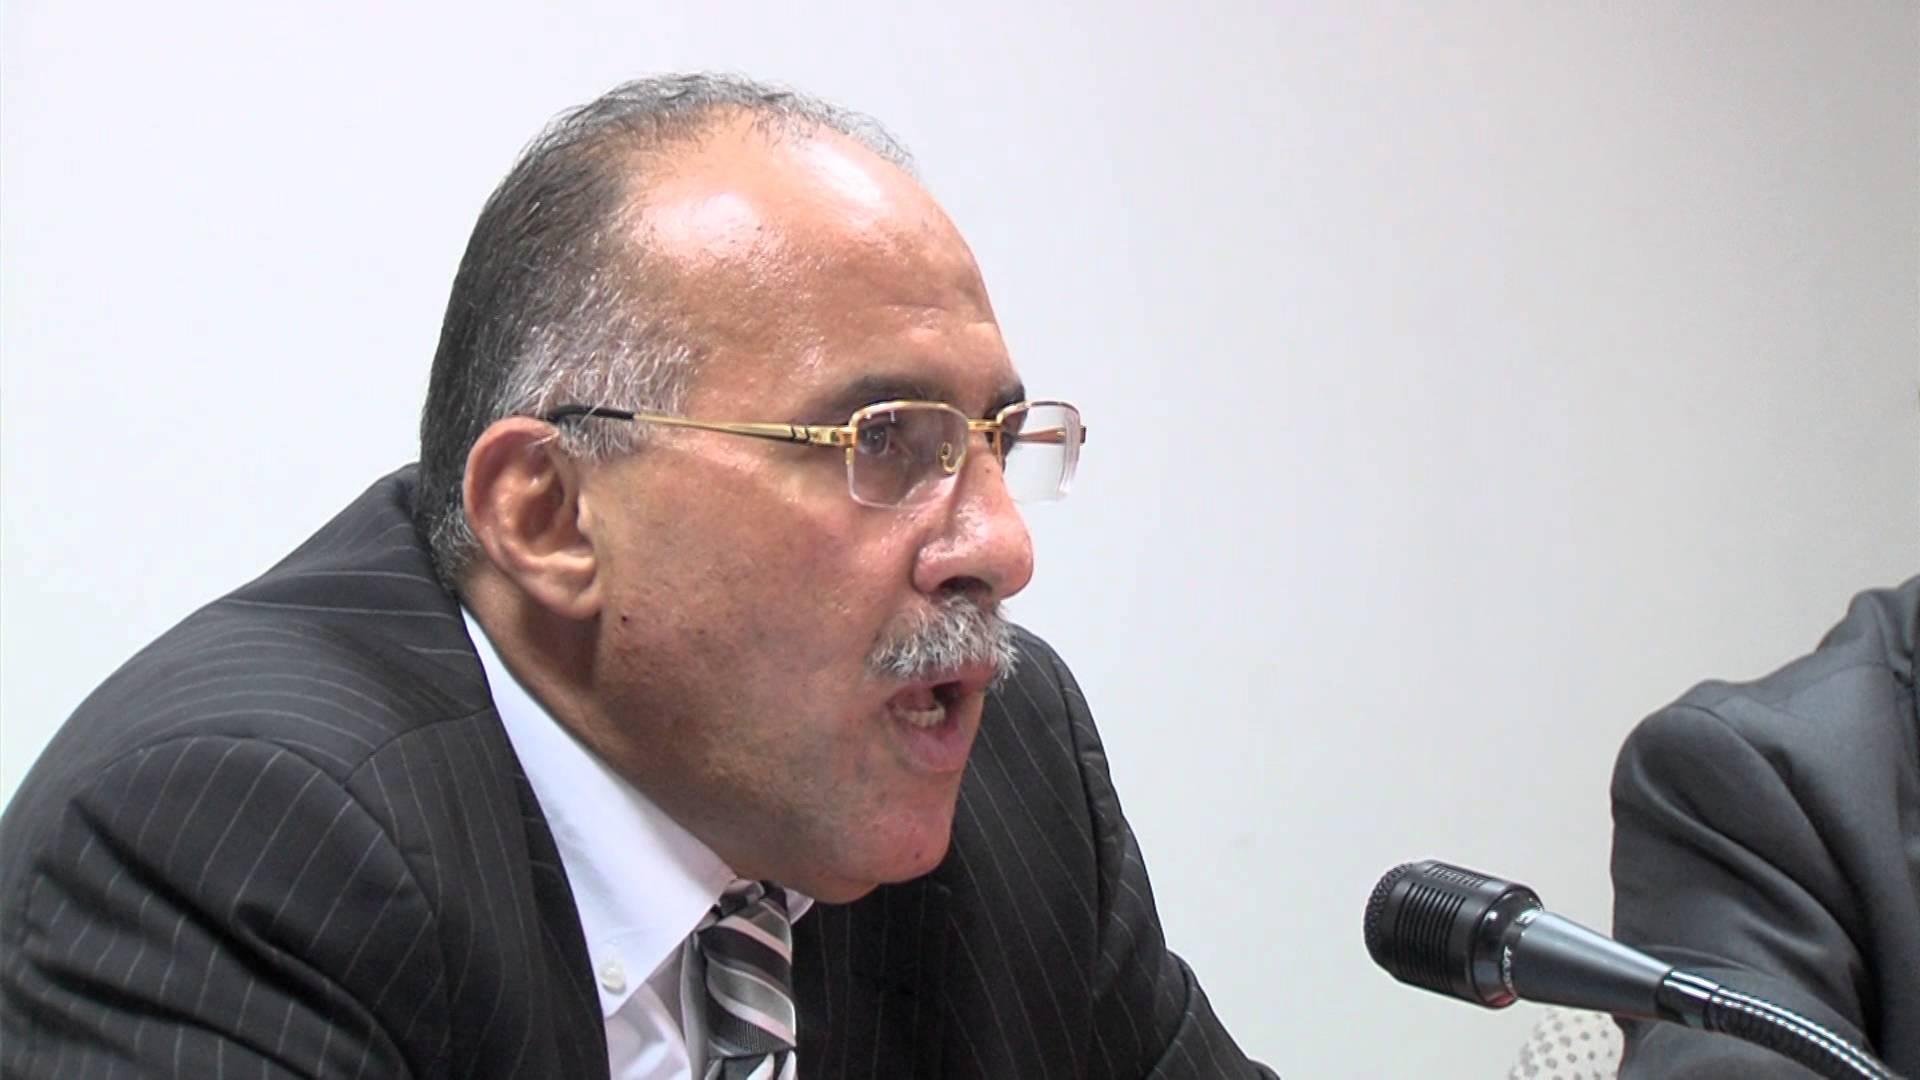 عبد المومني: المصادقة على مدونة التعاضد كشفت تواطؤ مكشوف لخدمة لوبيات